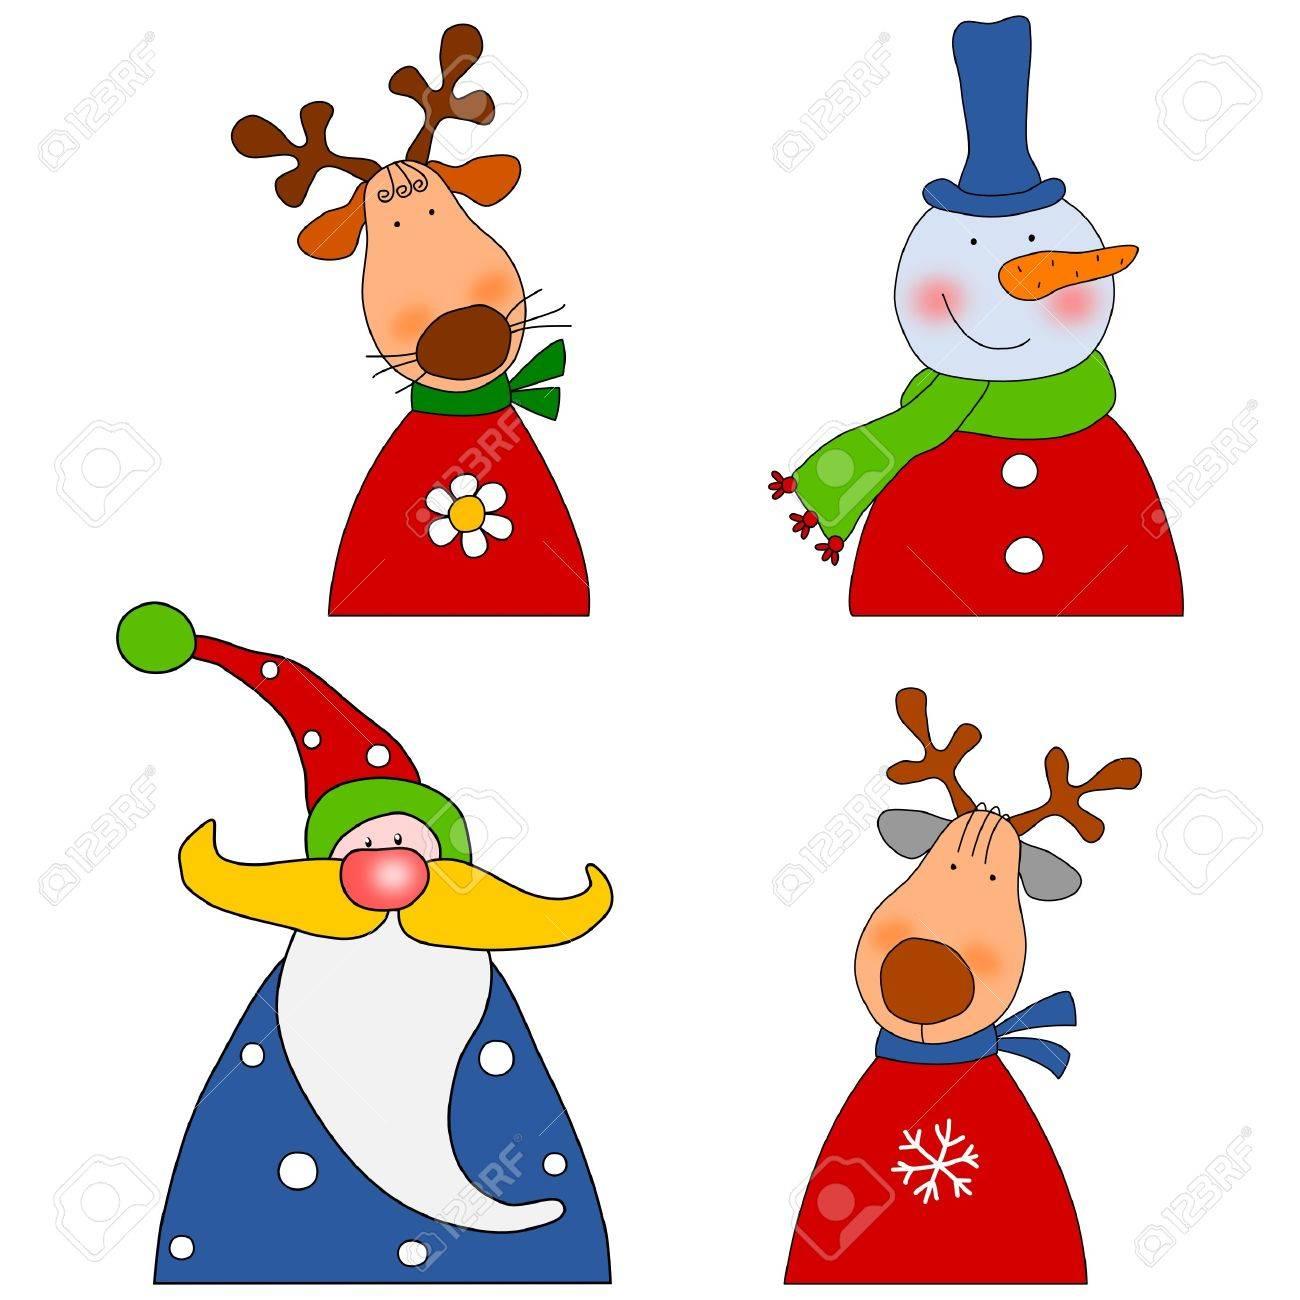 Cartoon characters Stock Photo - 11696553